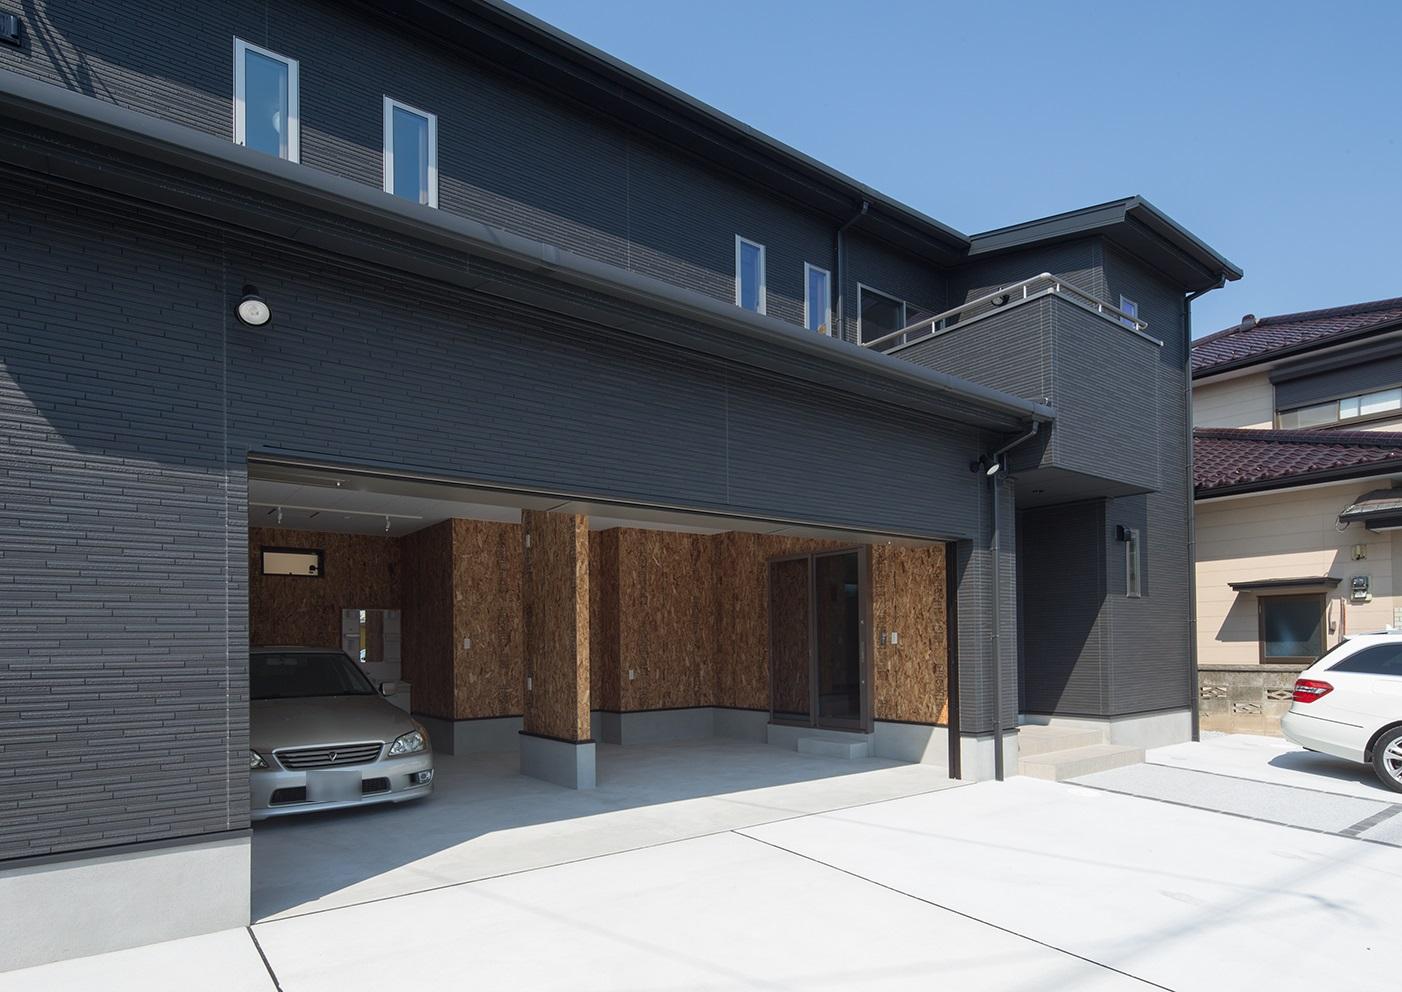 車2台がゆっくりと駐車でき作業スペースもあるガレージ